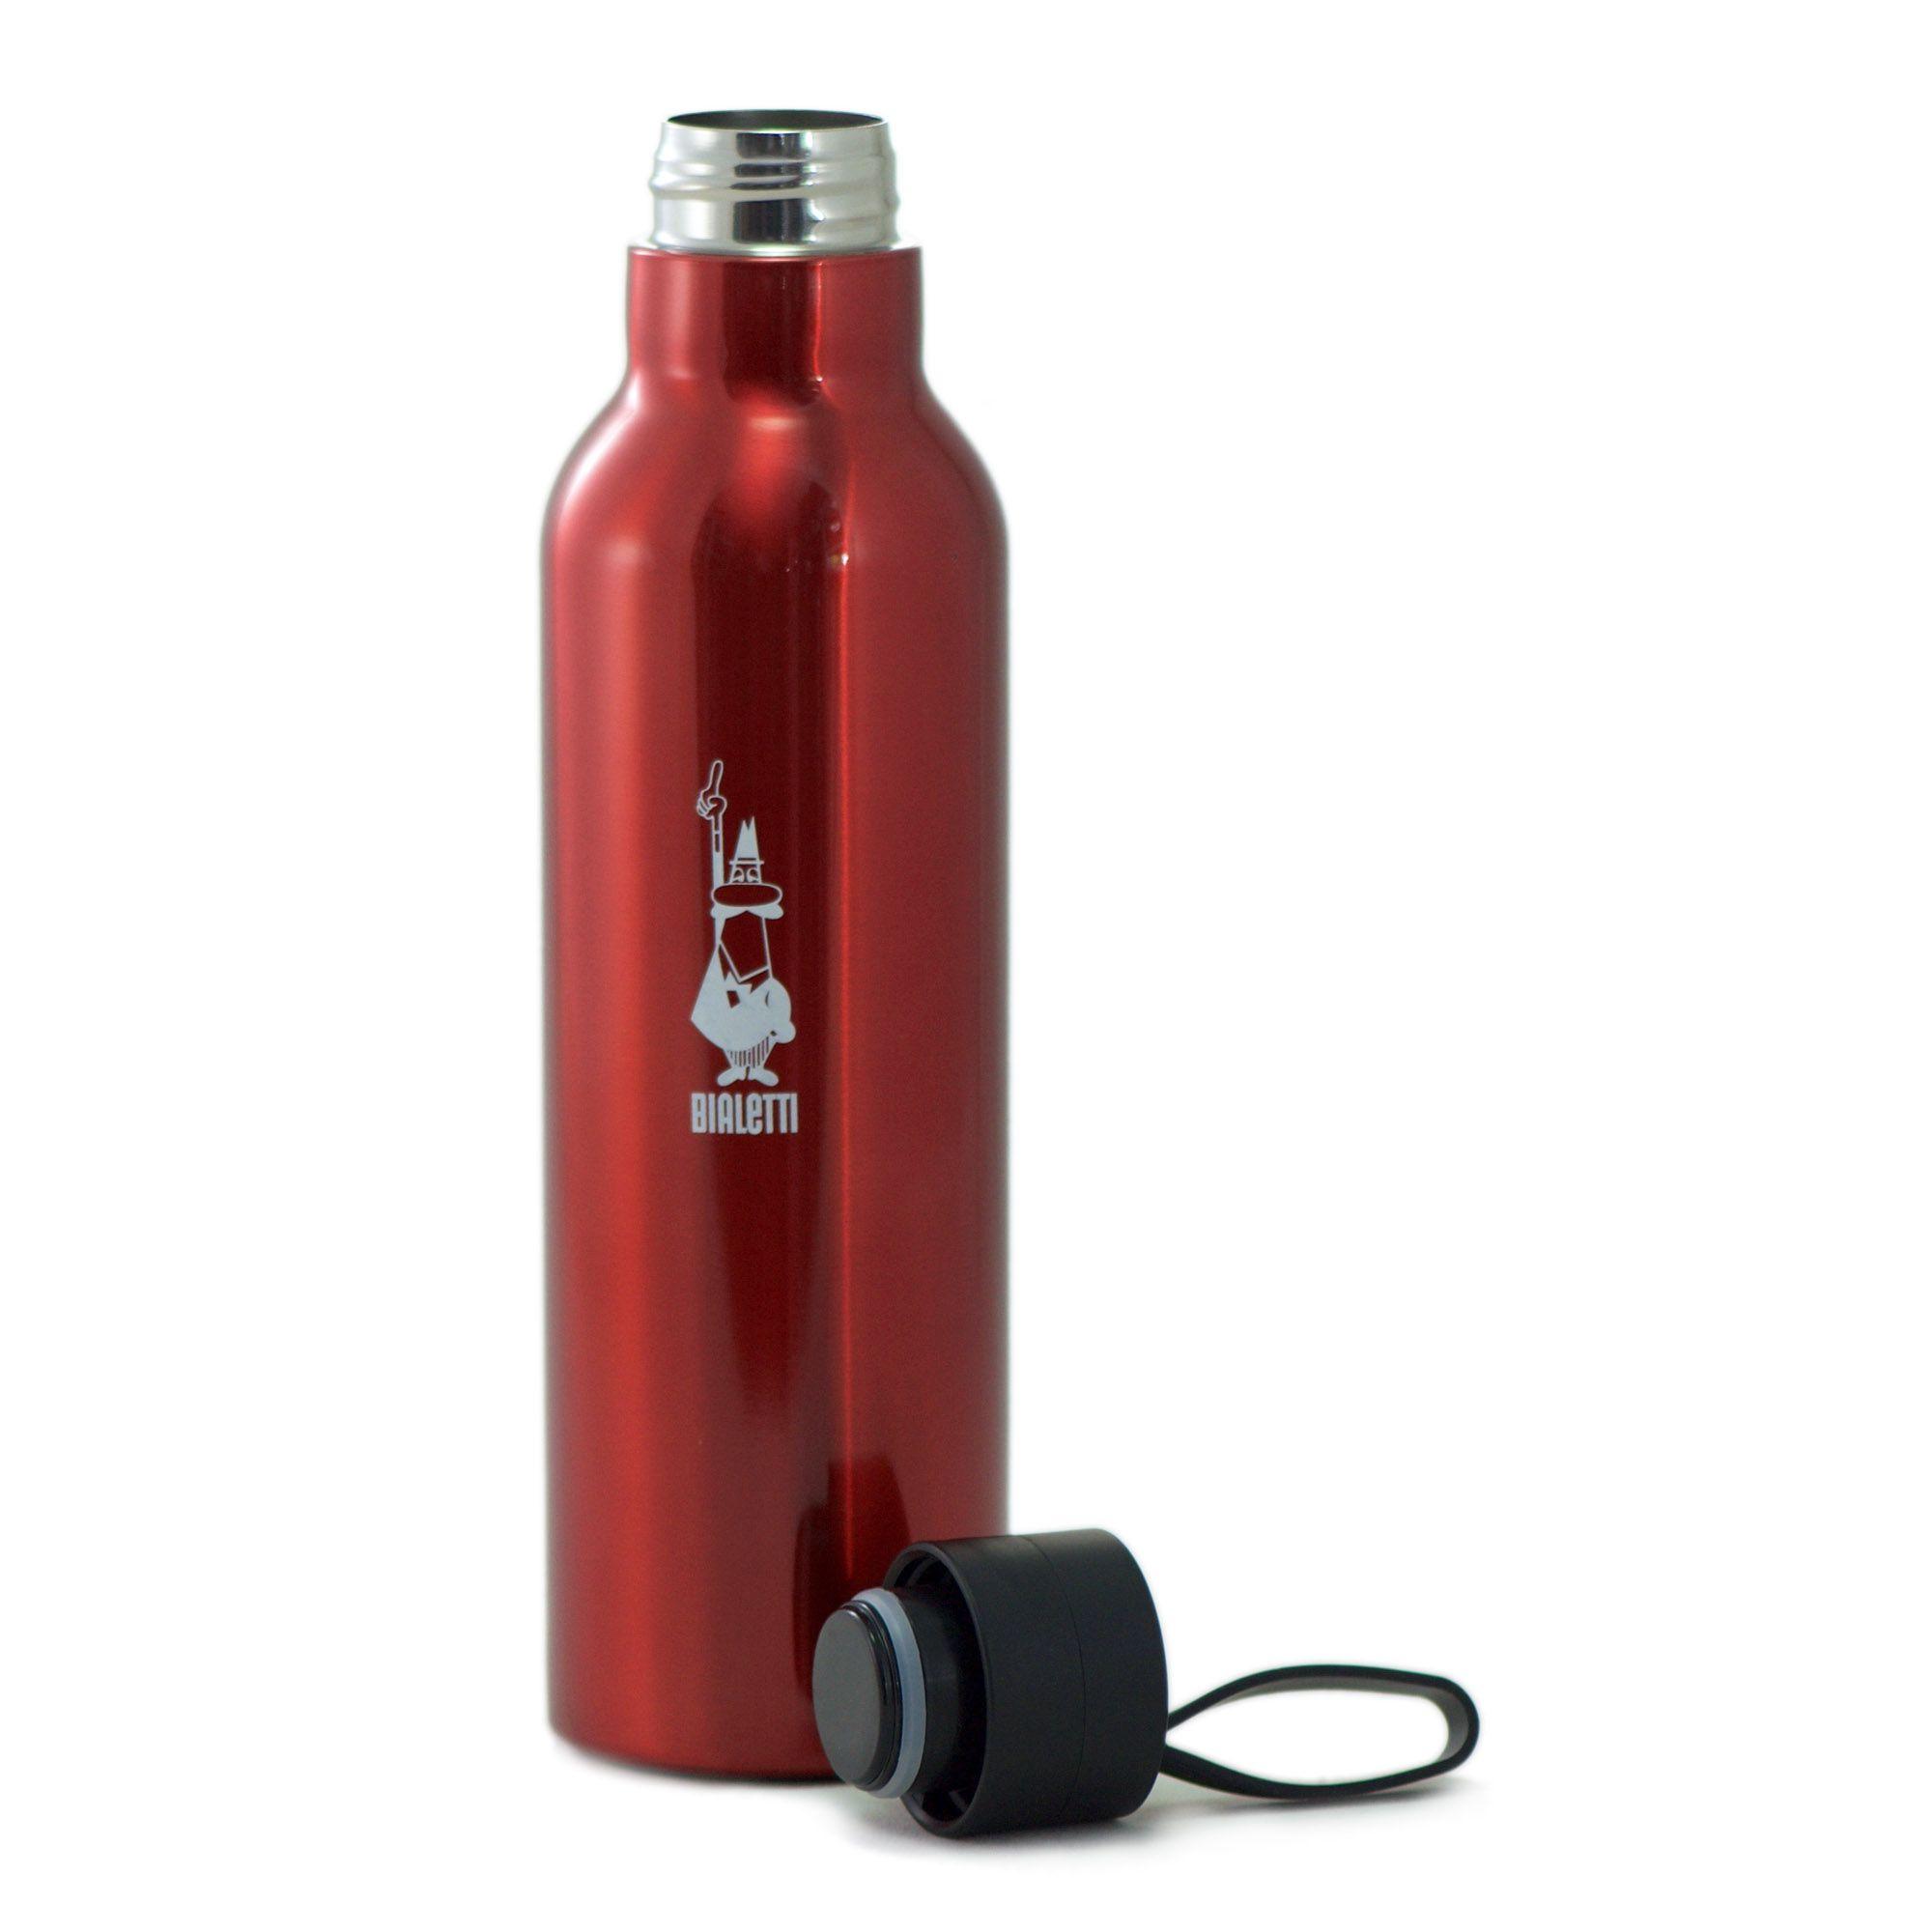 Garrafa Squeeze Vermelha - Aço Inox - Bialetti